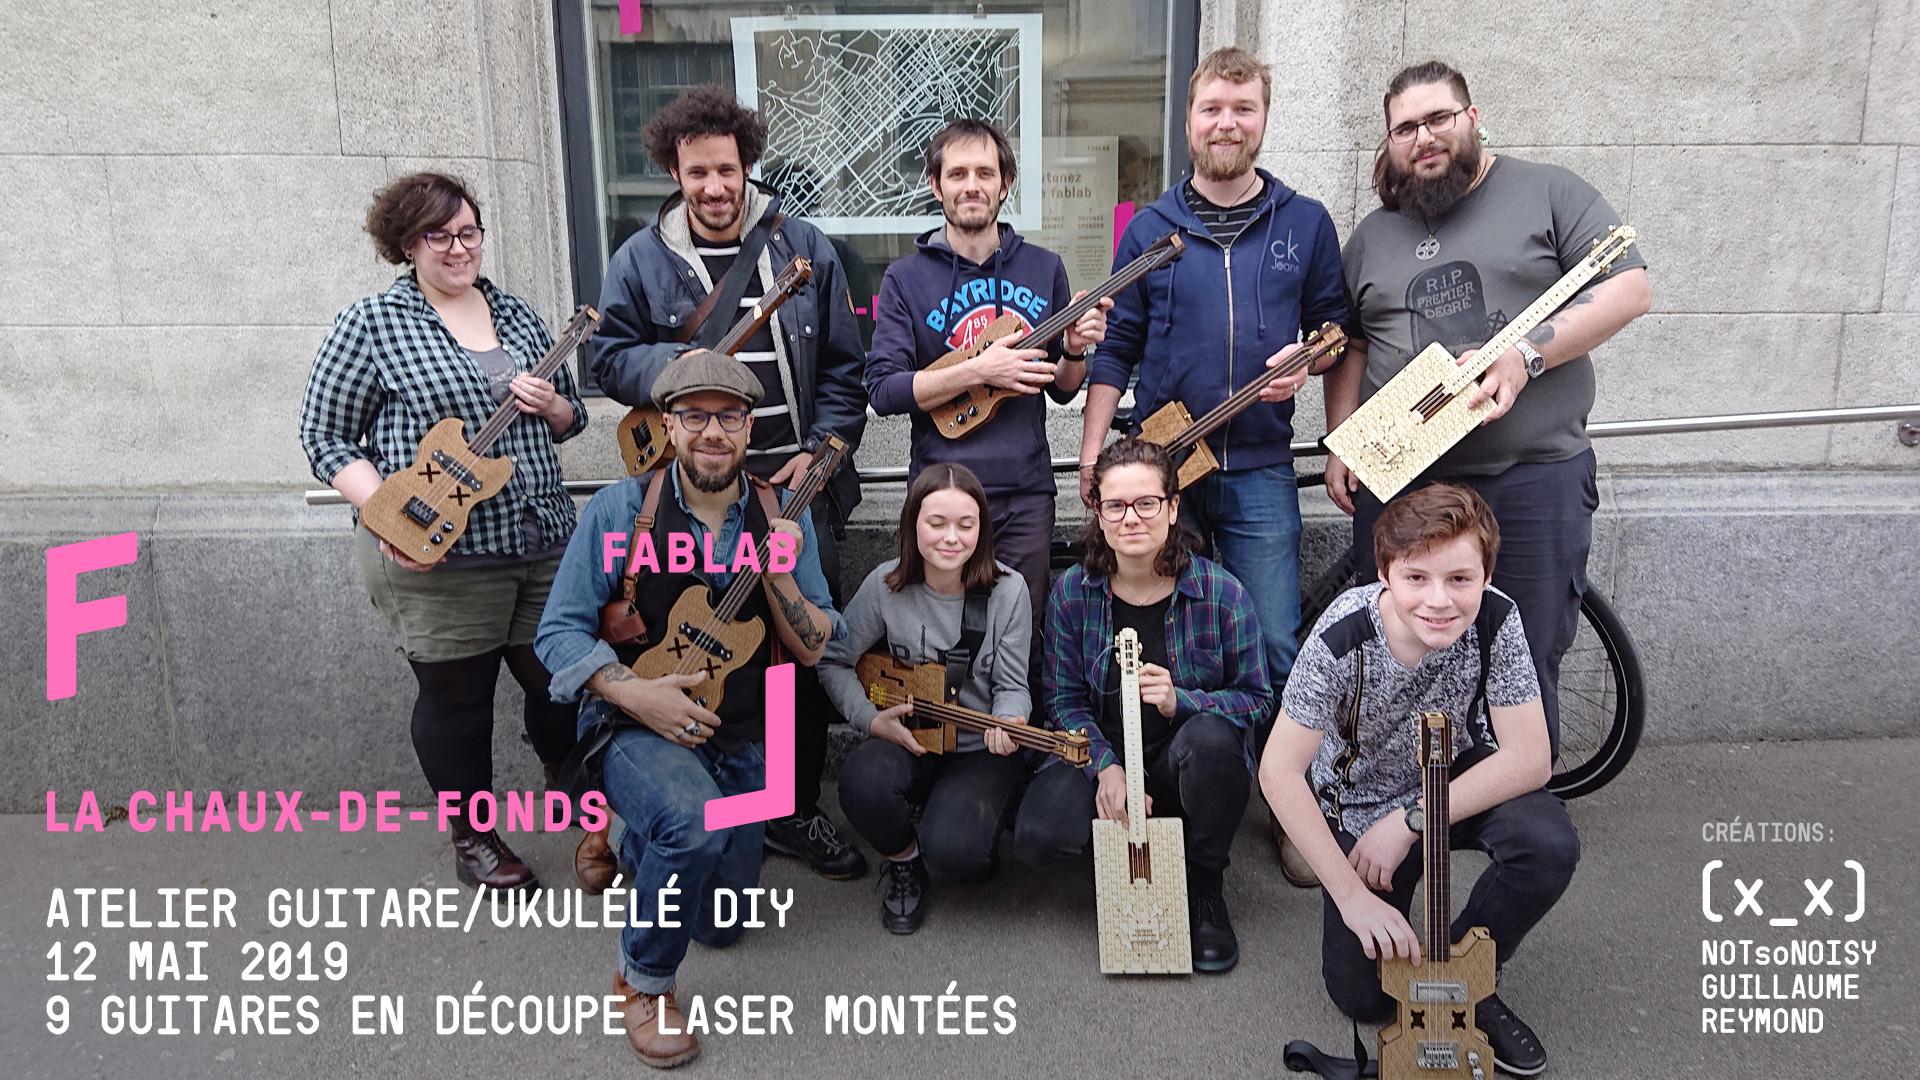 Atelier guitare/ukulélé DIY #7